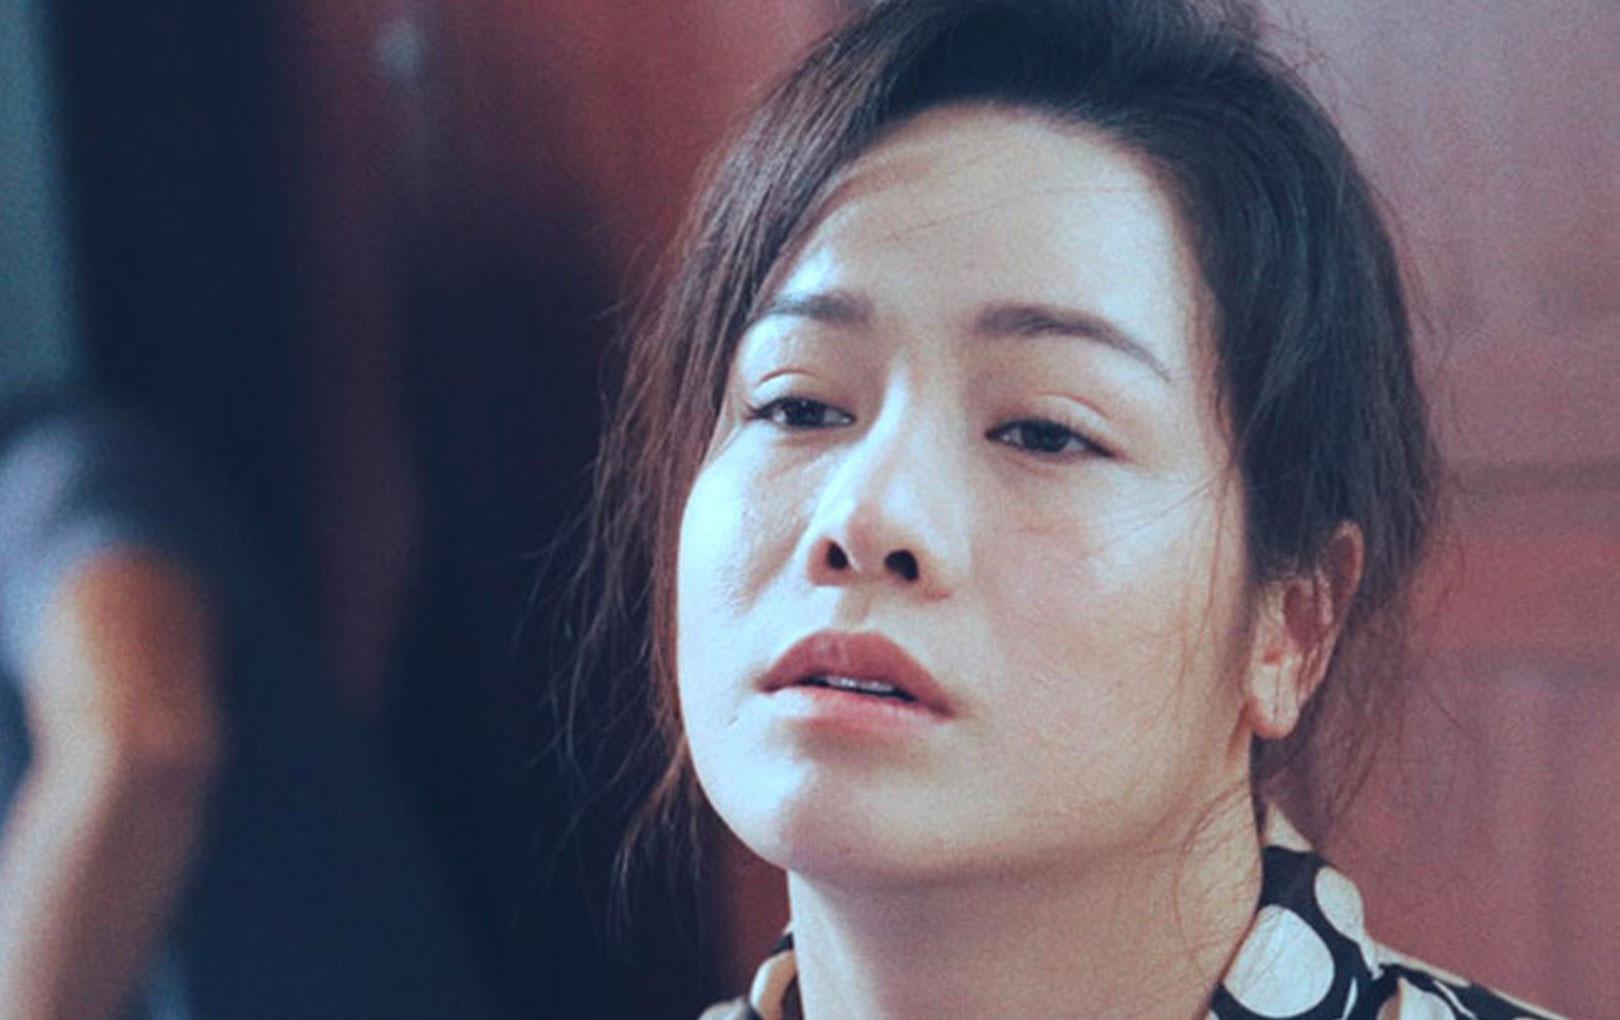 Nhật Kim Anh bật khóc ngay trong họp báo, thú nhận kẻ trộm lấy 5 tỷ bị bắt, 60 cây vàng được trả lại